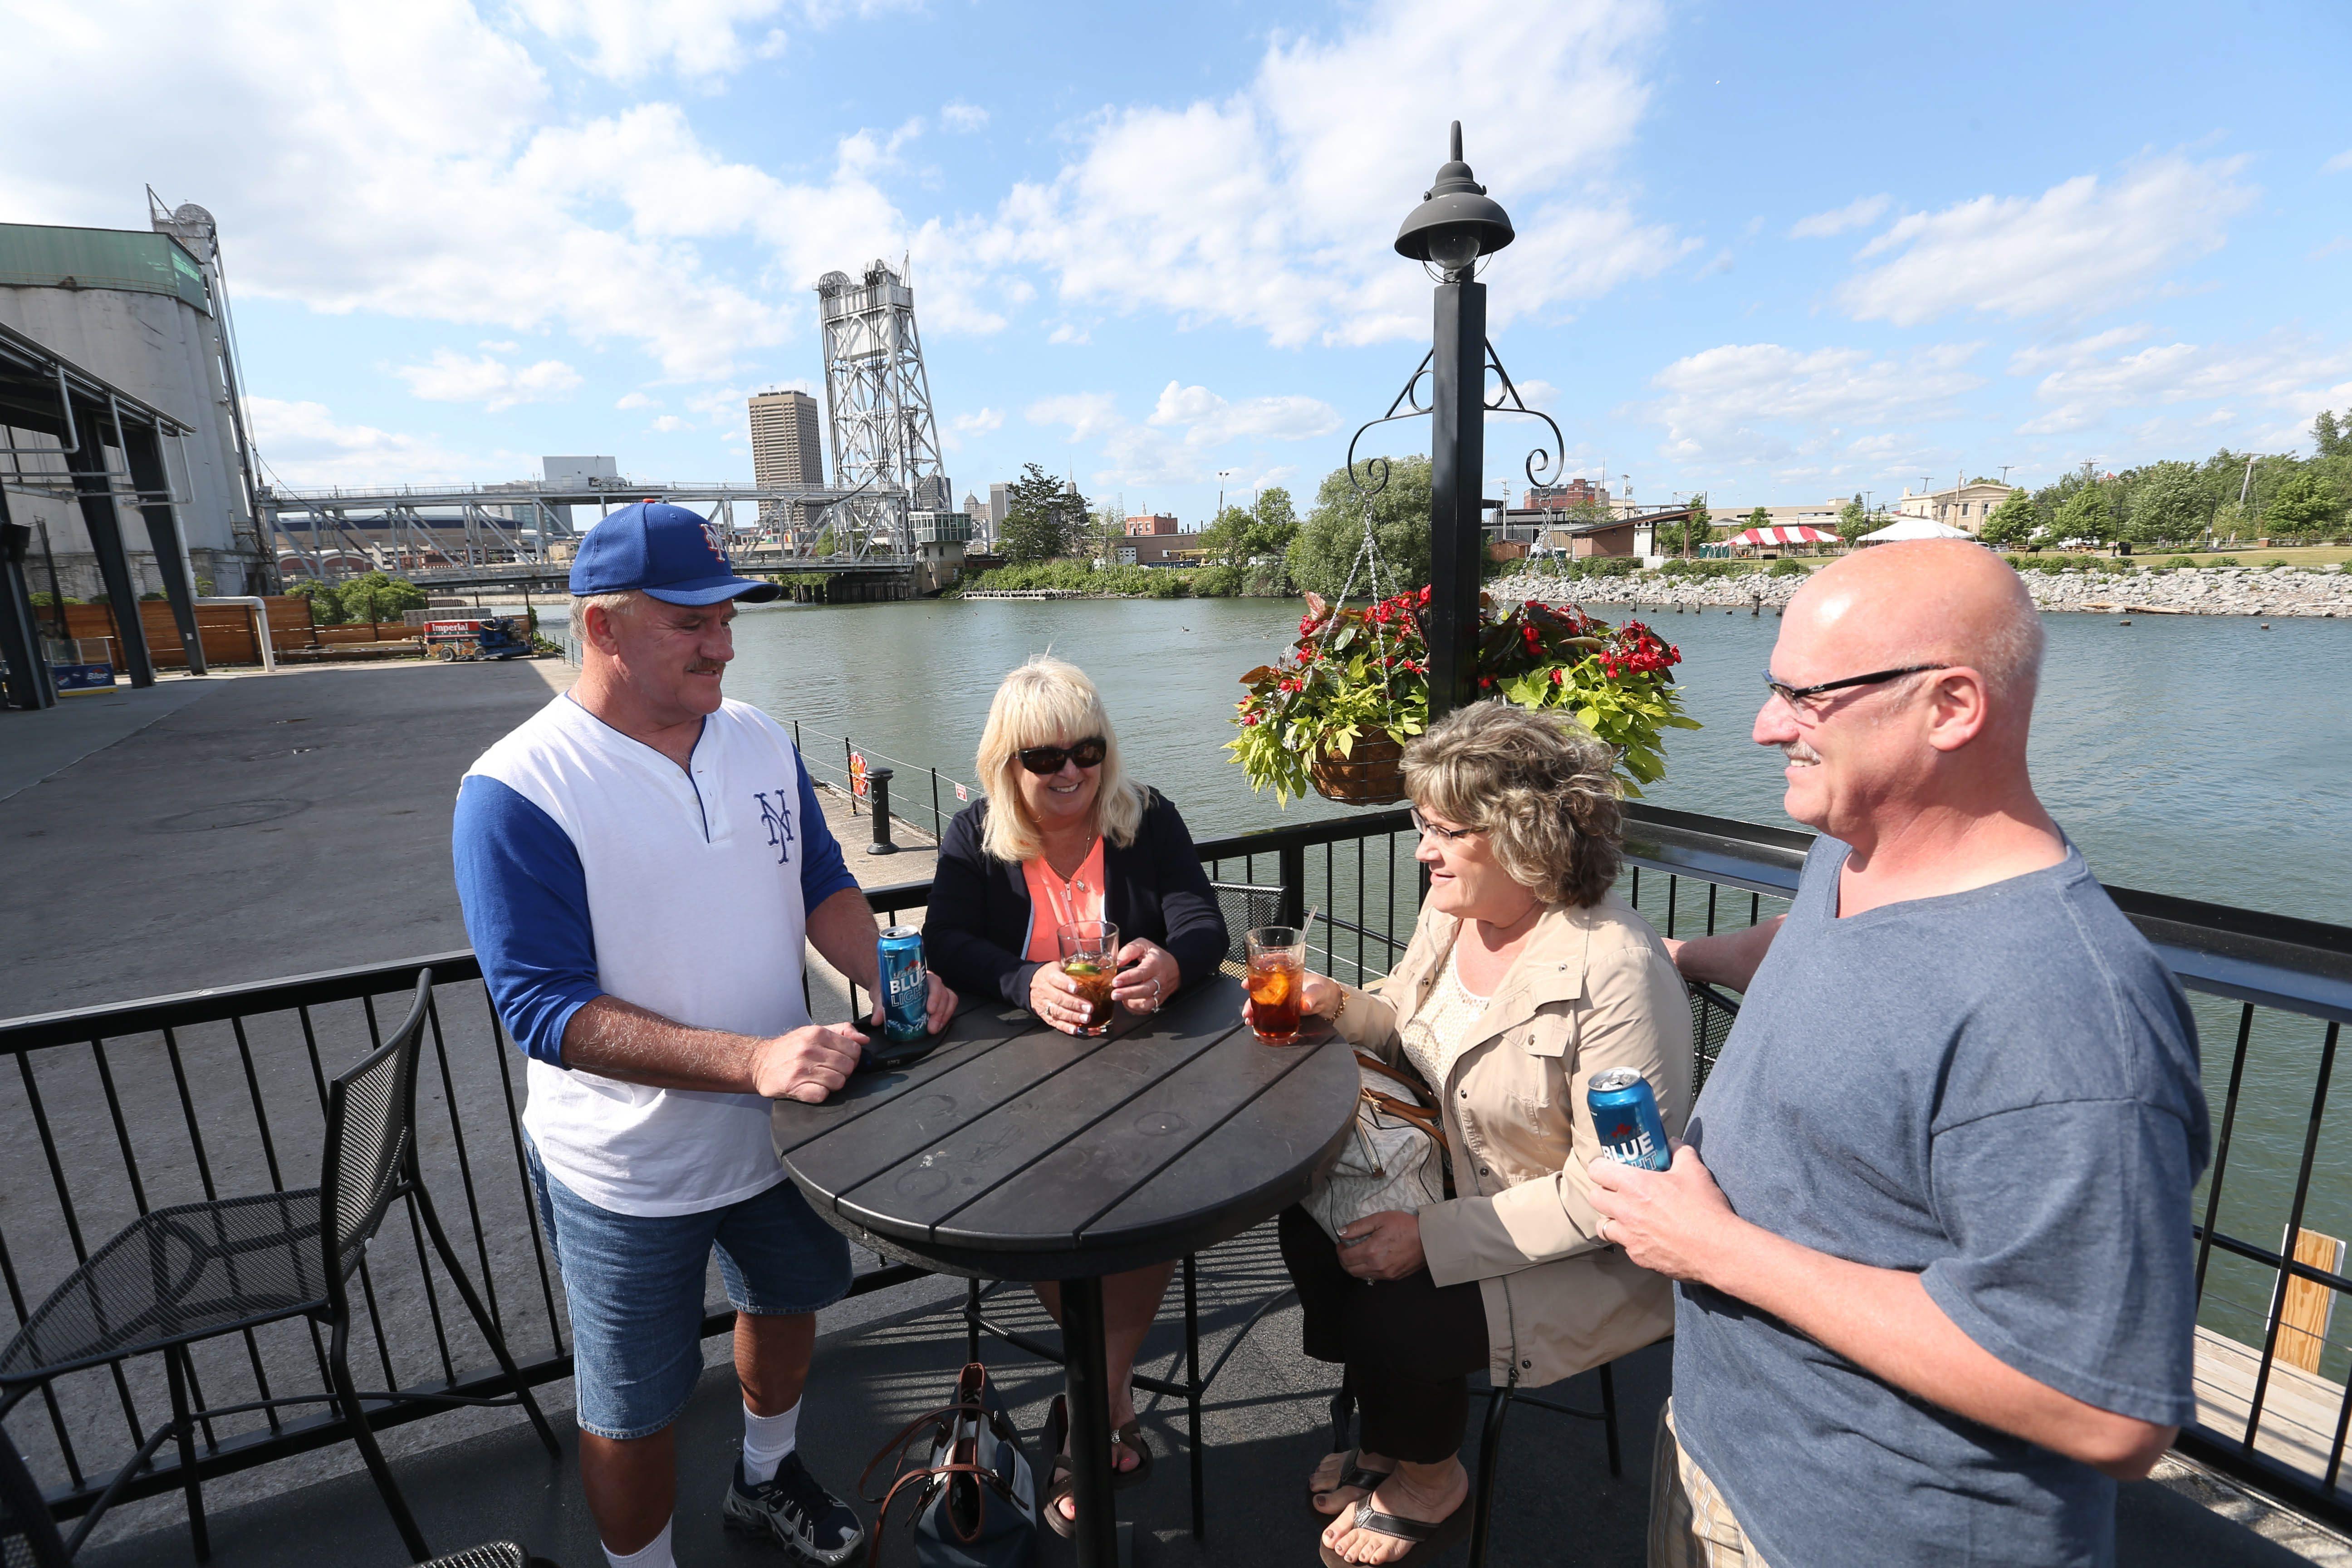 RiverWorks (Sharon Cantillon/Buffalo News)